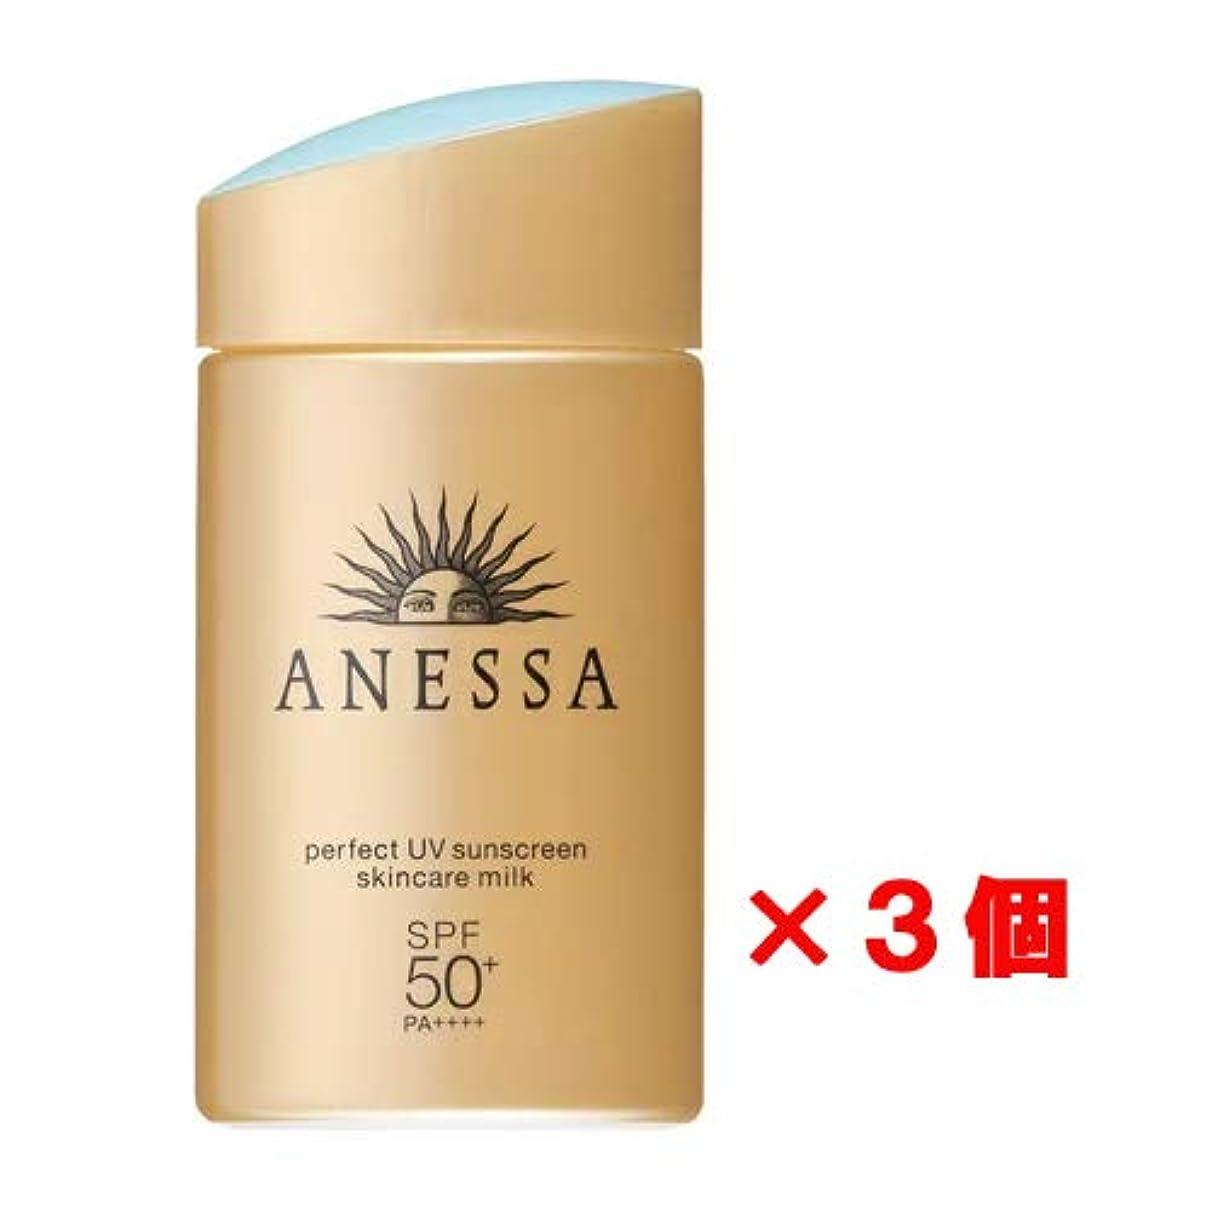 物足りない北皮アネッサ パーフェクトUV スキンケアミルク SPF50+/PA++++ 60mL ×3個セット